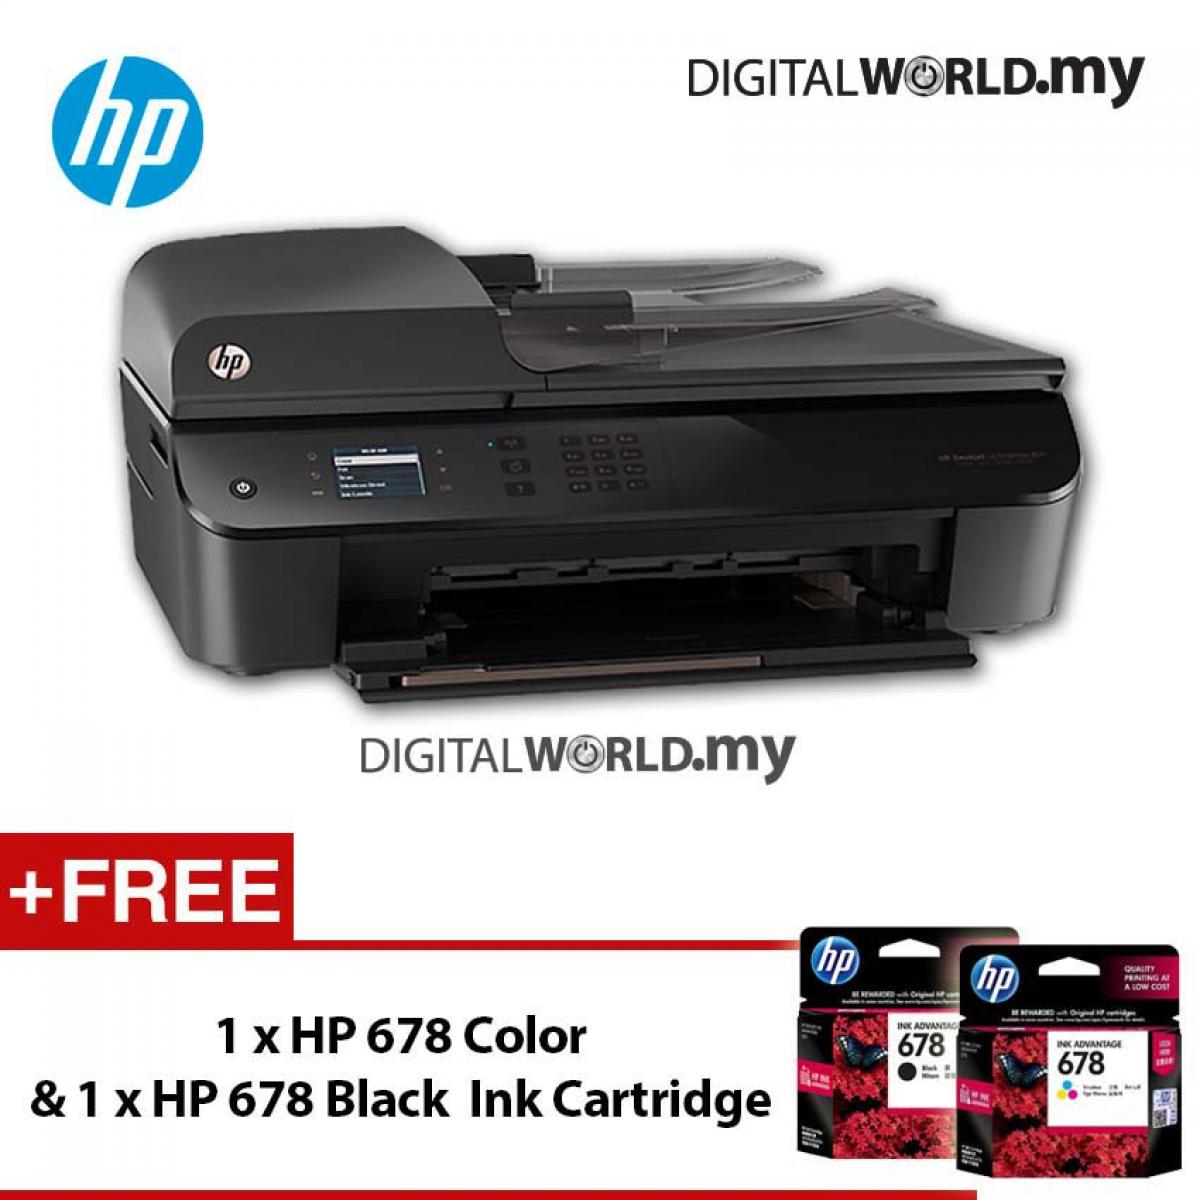 HP Deskjet Ink Advantage Driver Download